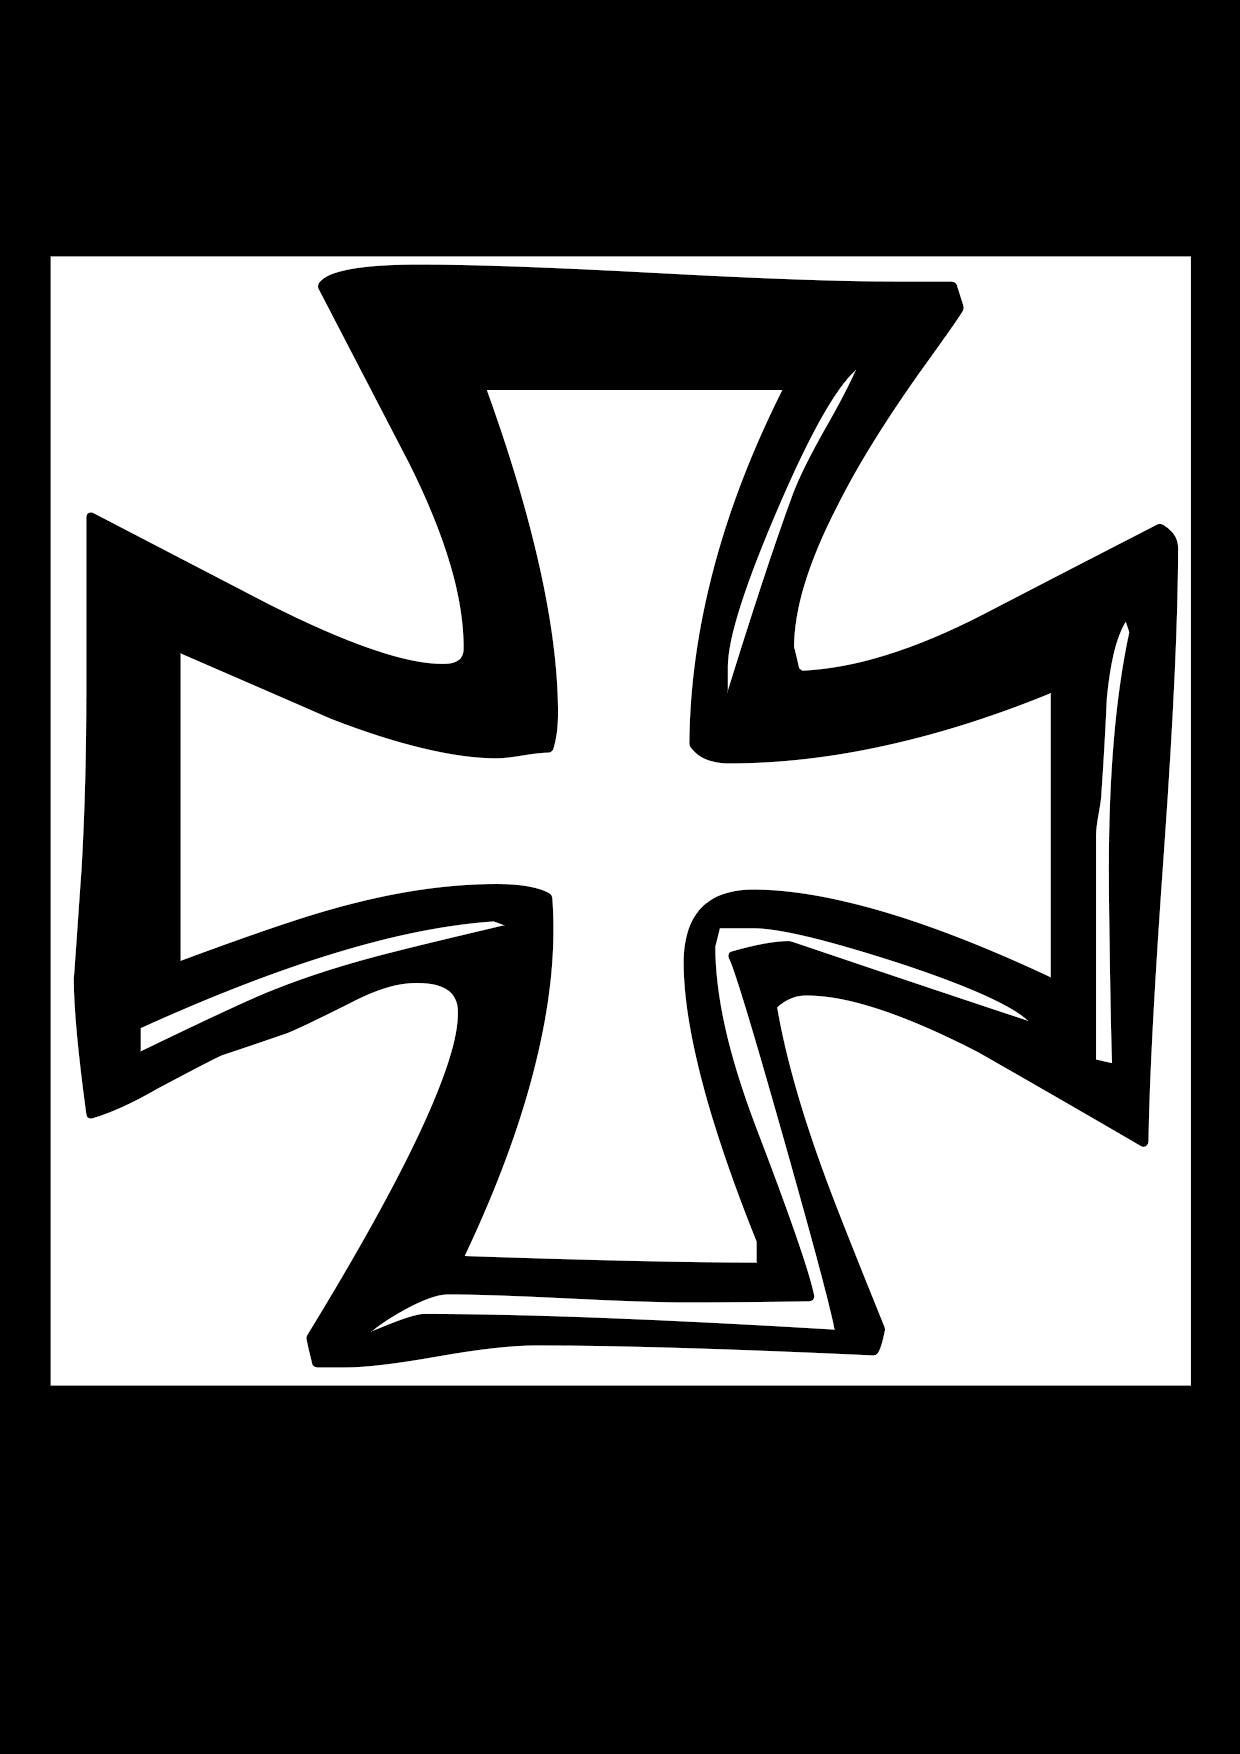 Una cruz templaria de la Orden del Temple para colorear